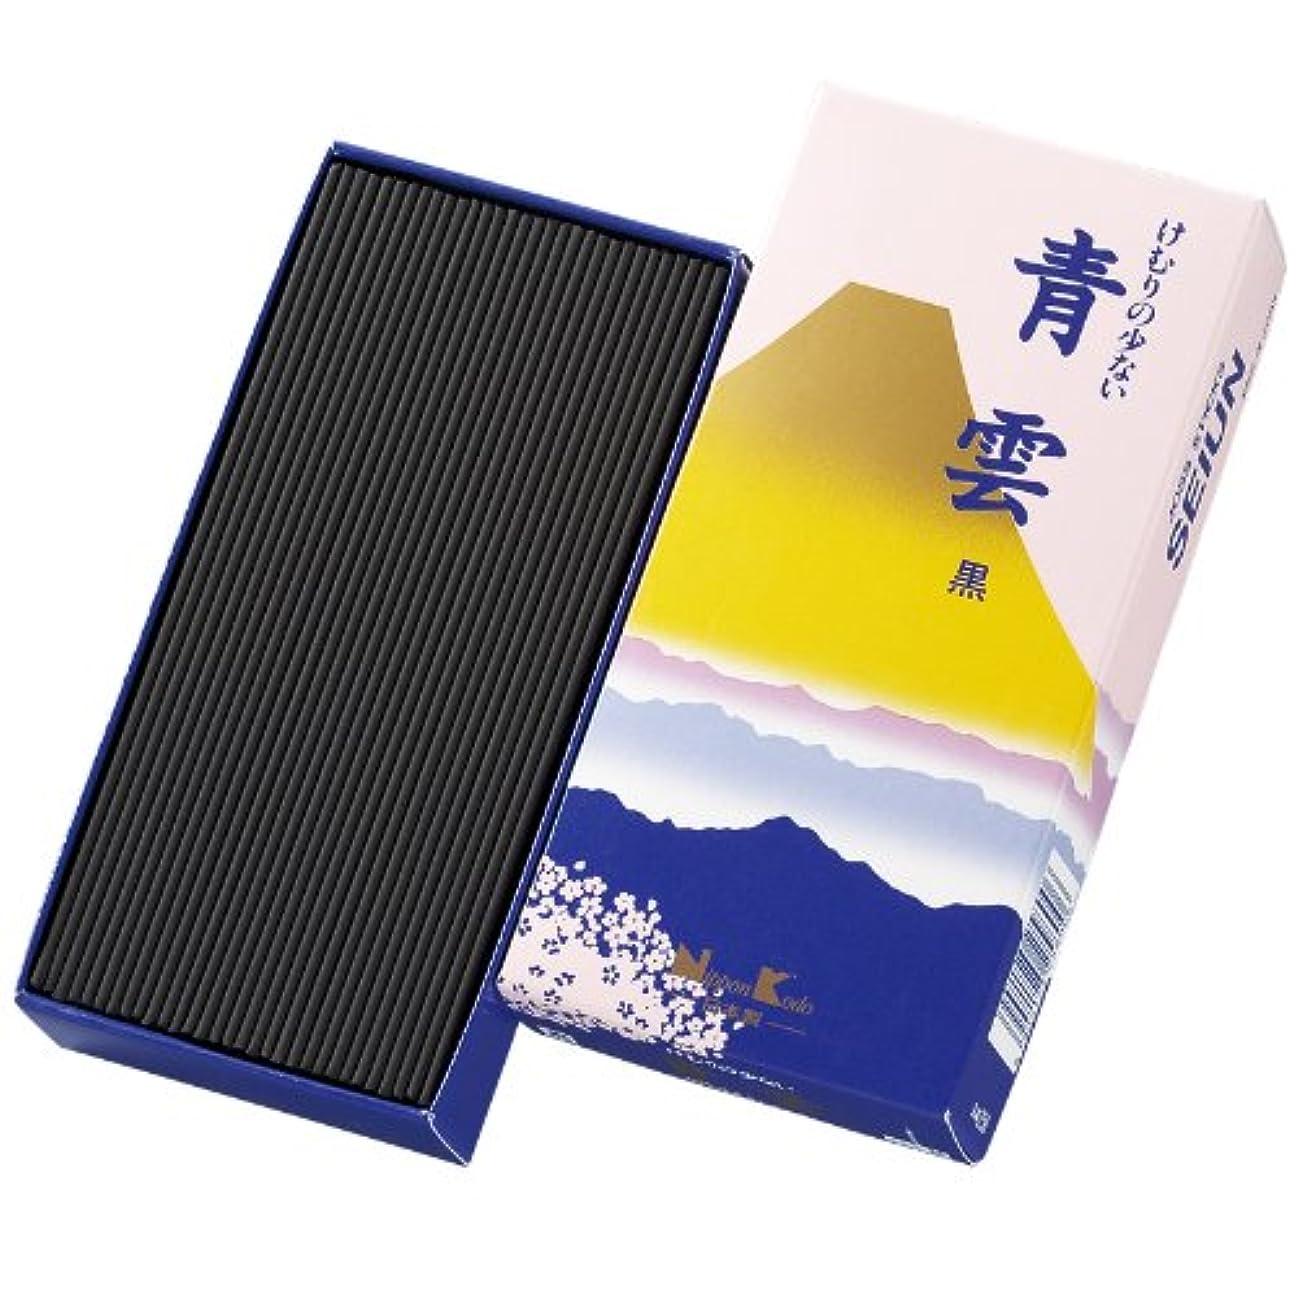 スーツケース民族主義符号青雲 黒 バラ詰 (約110g)